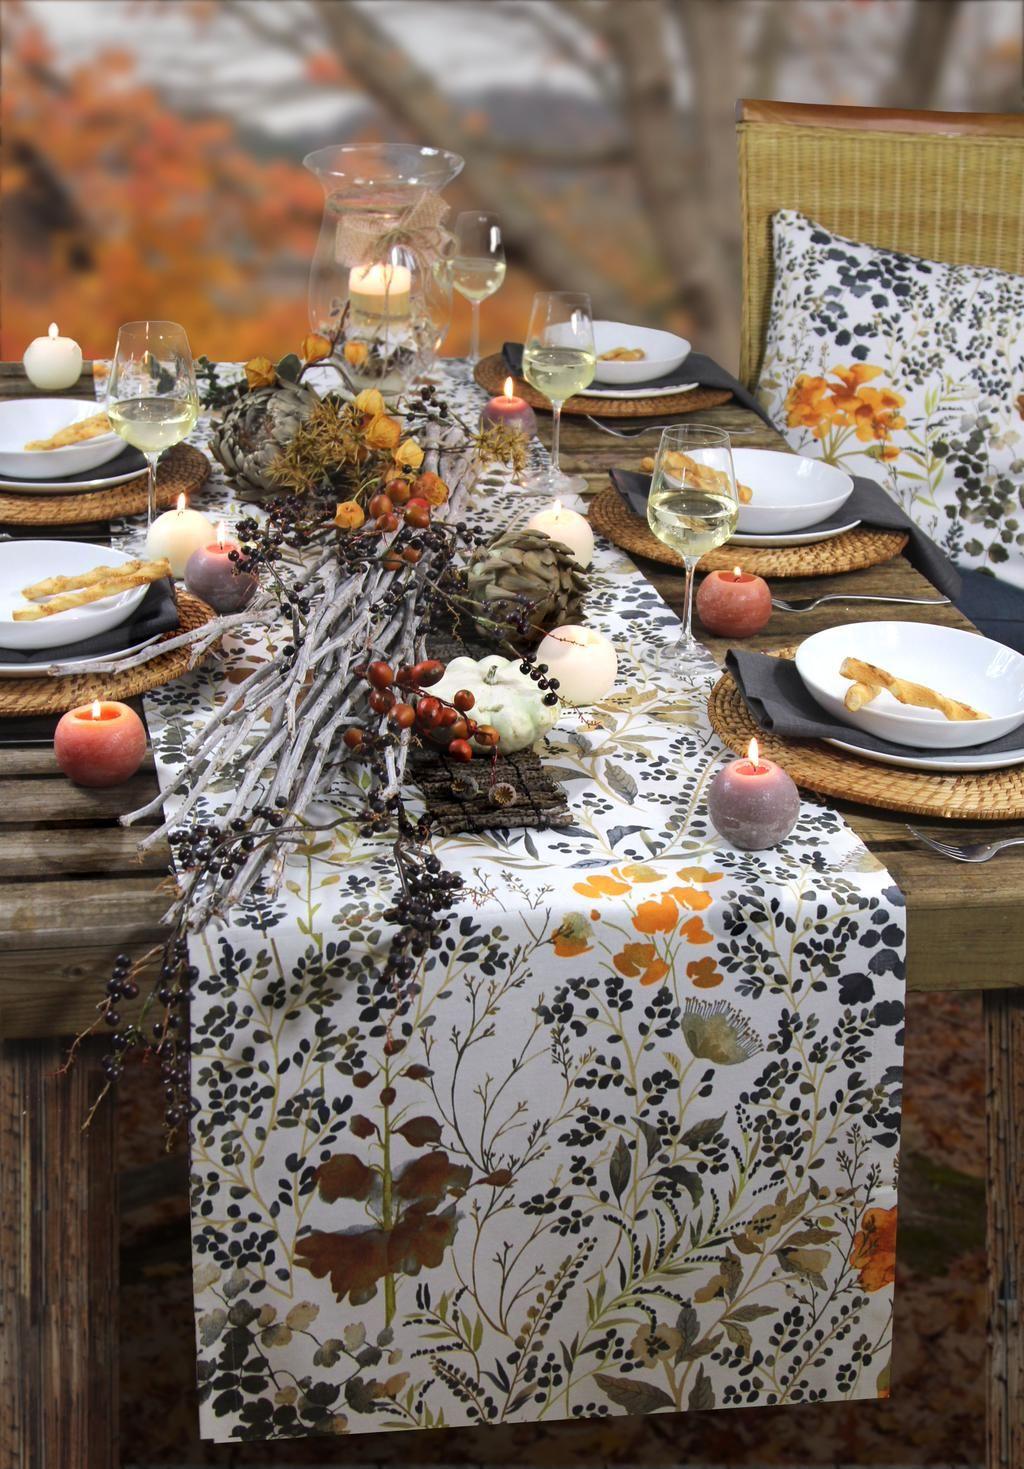 Sander Tischwasche On Autumn Table Thanksgiving Table Runner